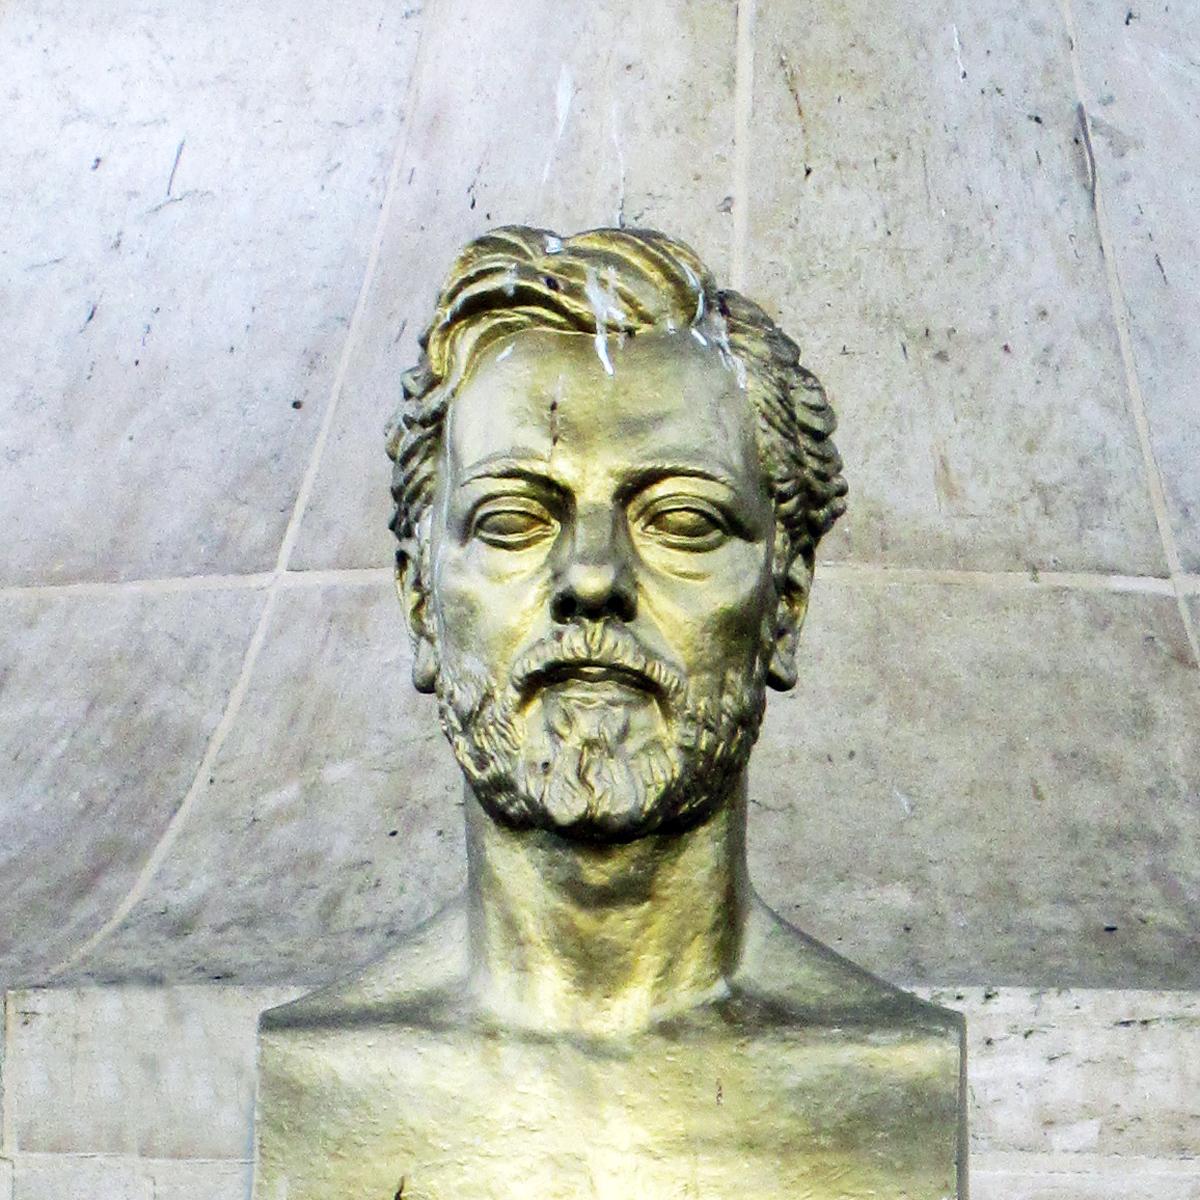 Bust of Eiffel